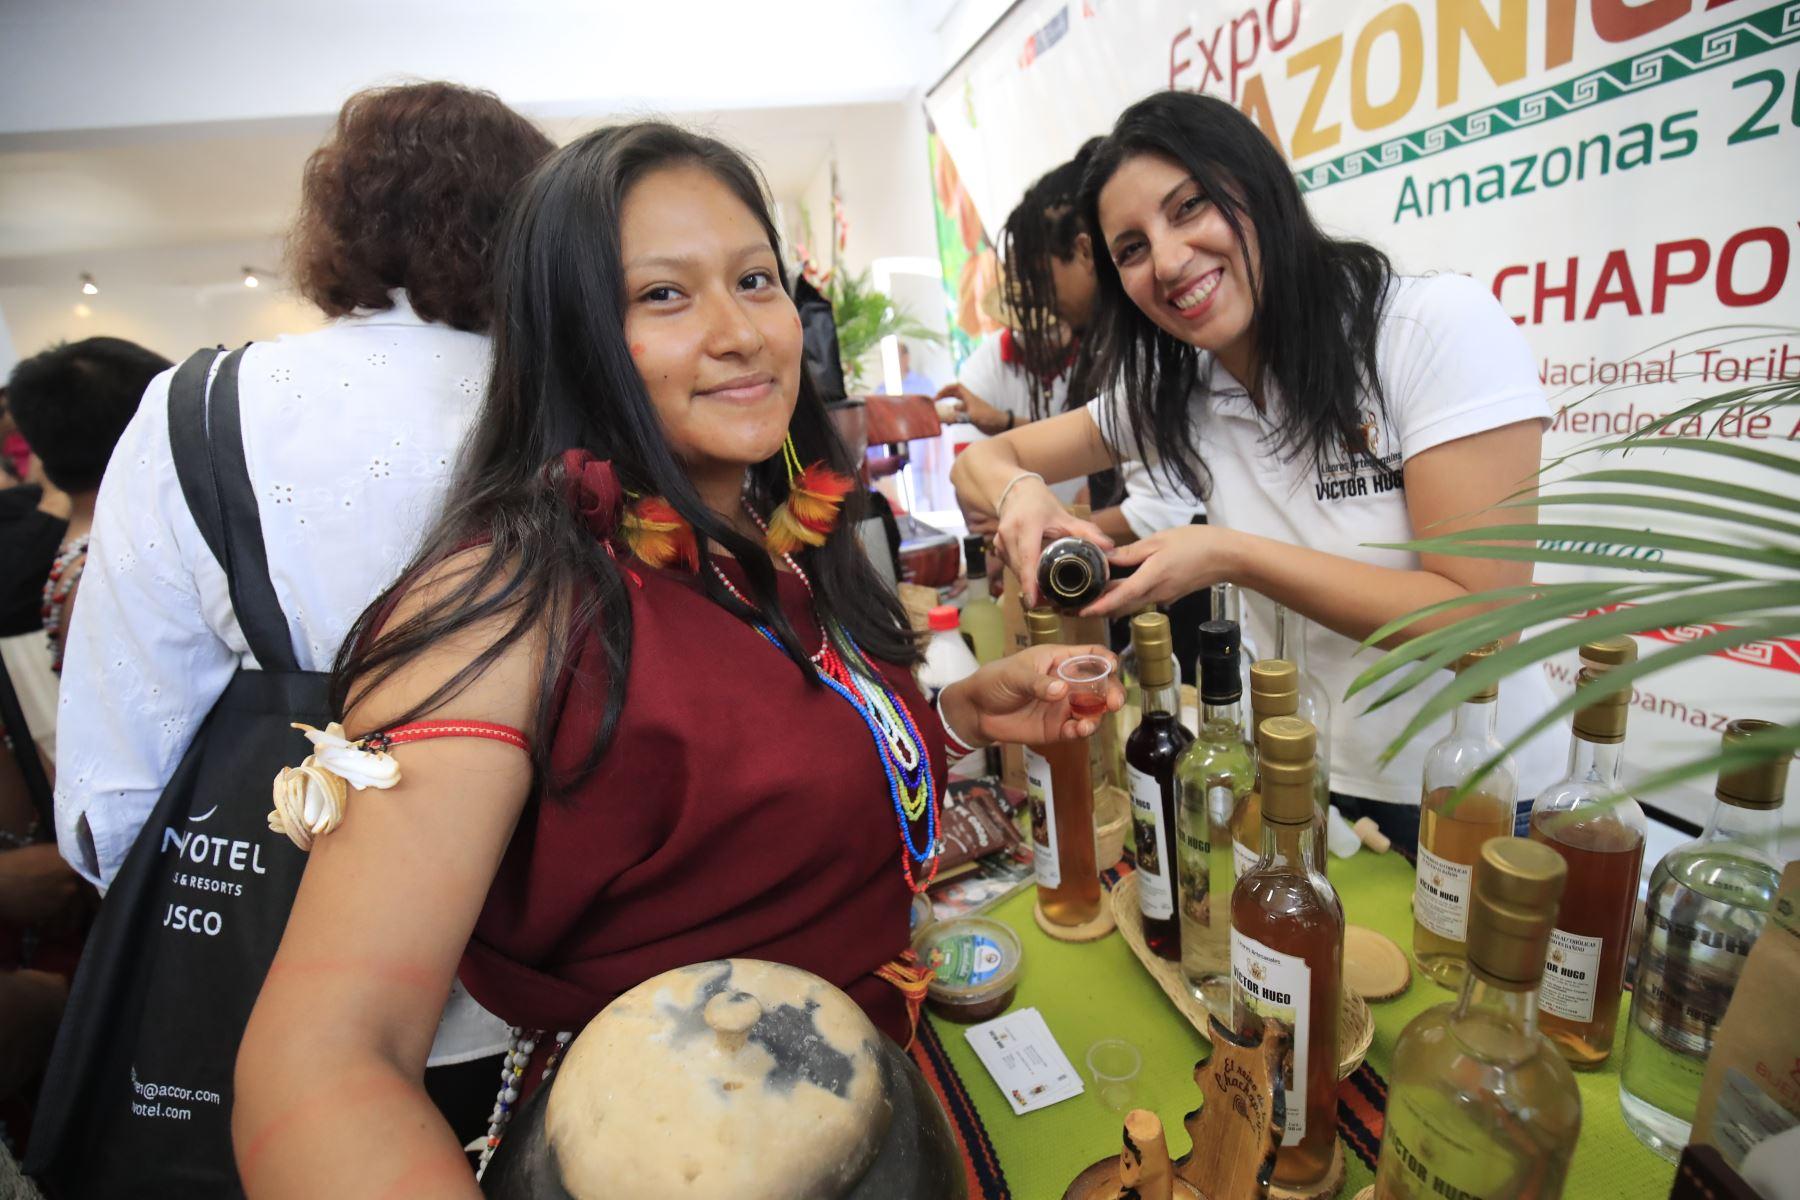 Expoamazónica 2020-Chachapoyas, la más importante feria de promoción y negocios de la Amazonía. Foto: ANDINA/ Juan Carlos Guzmán